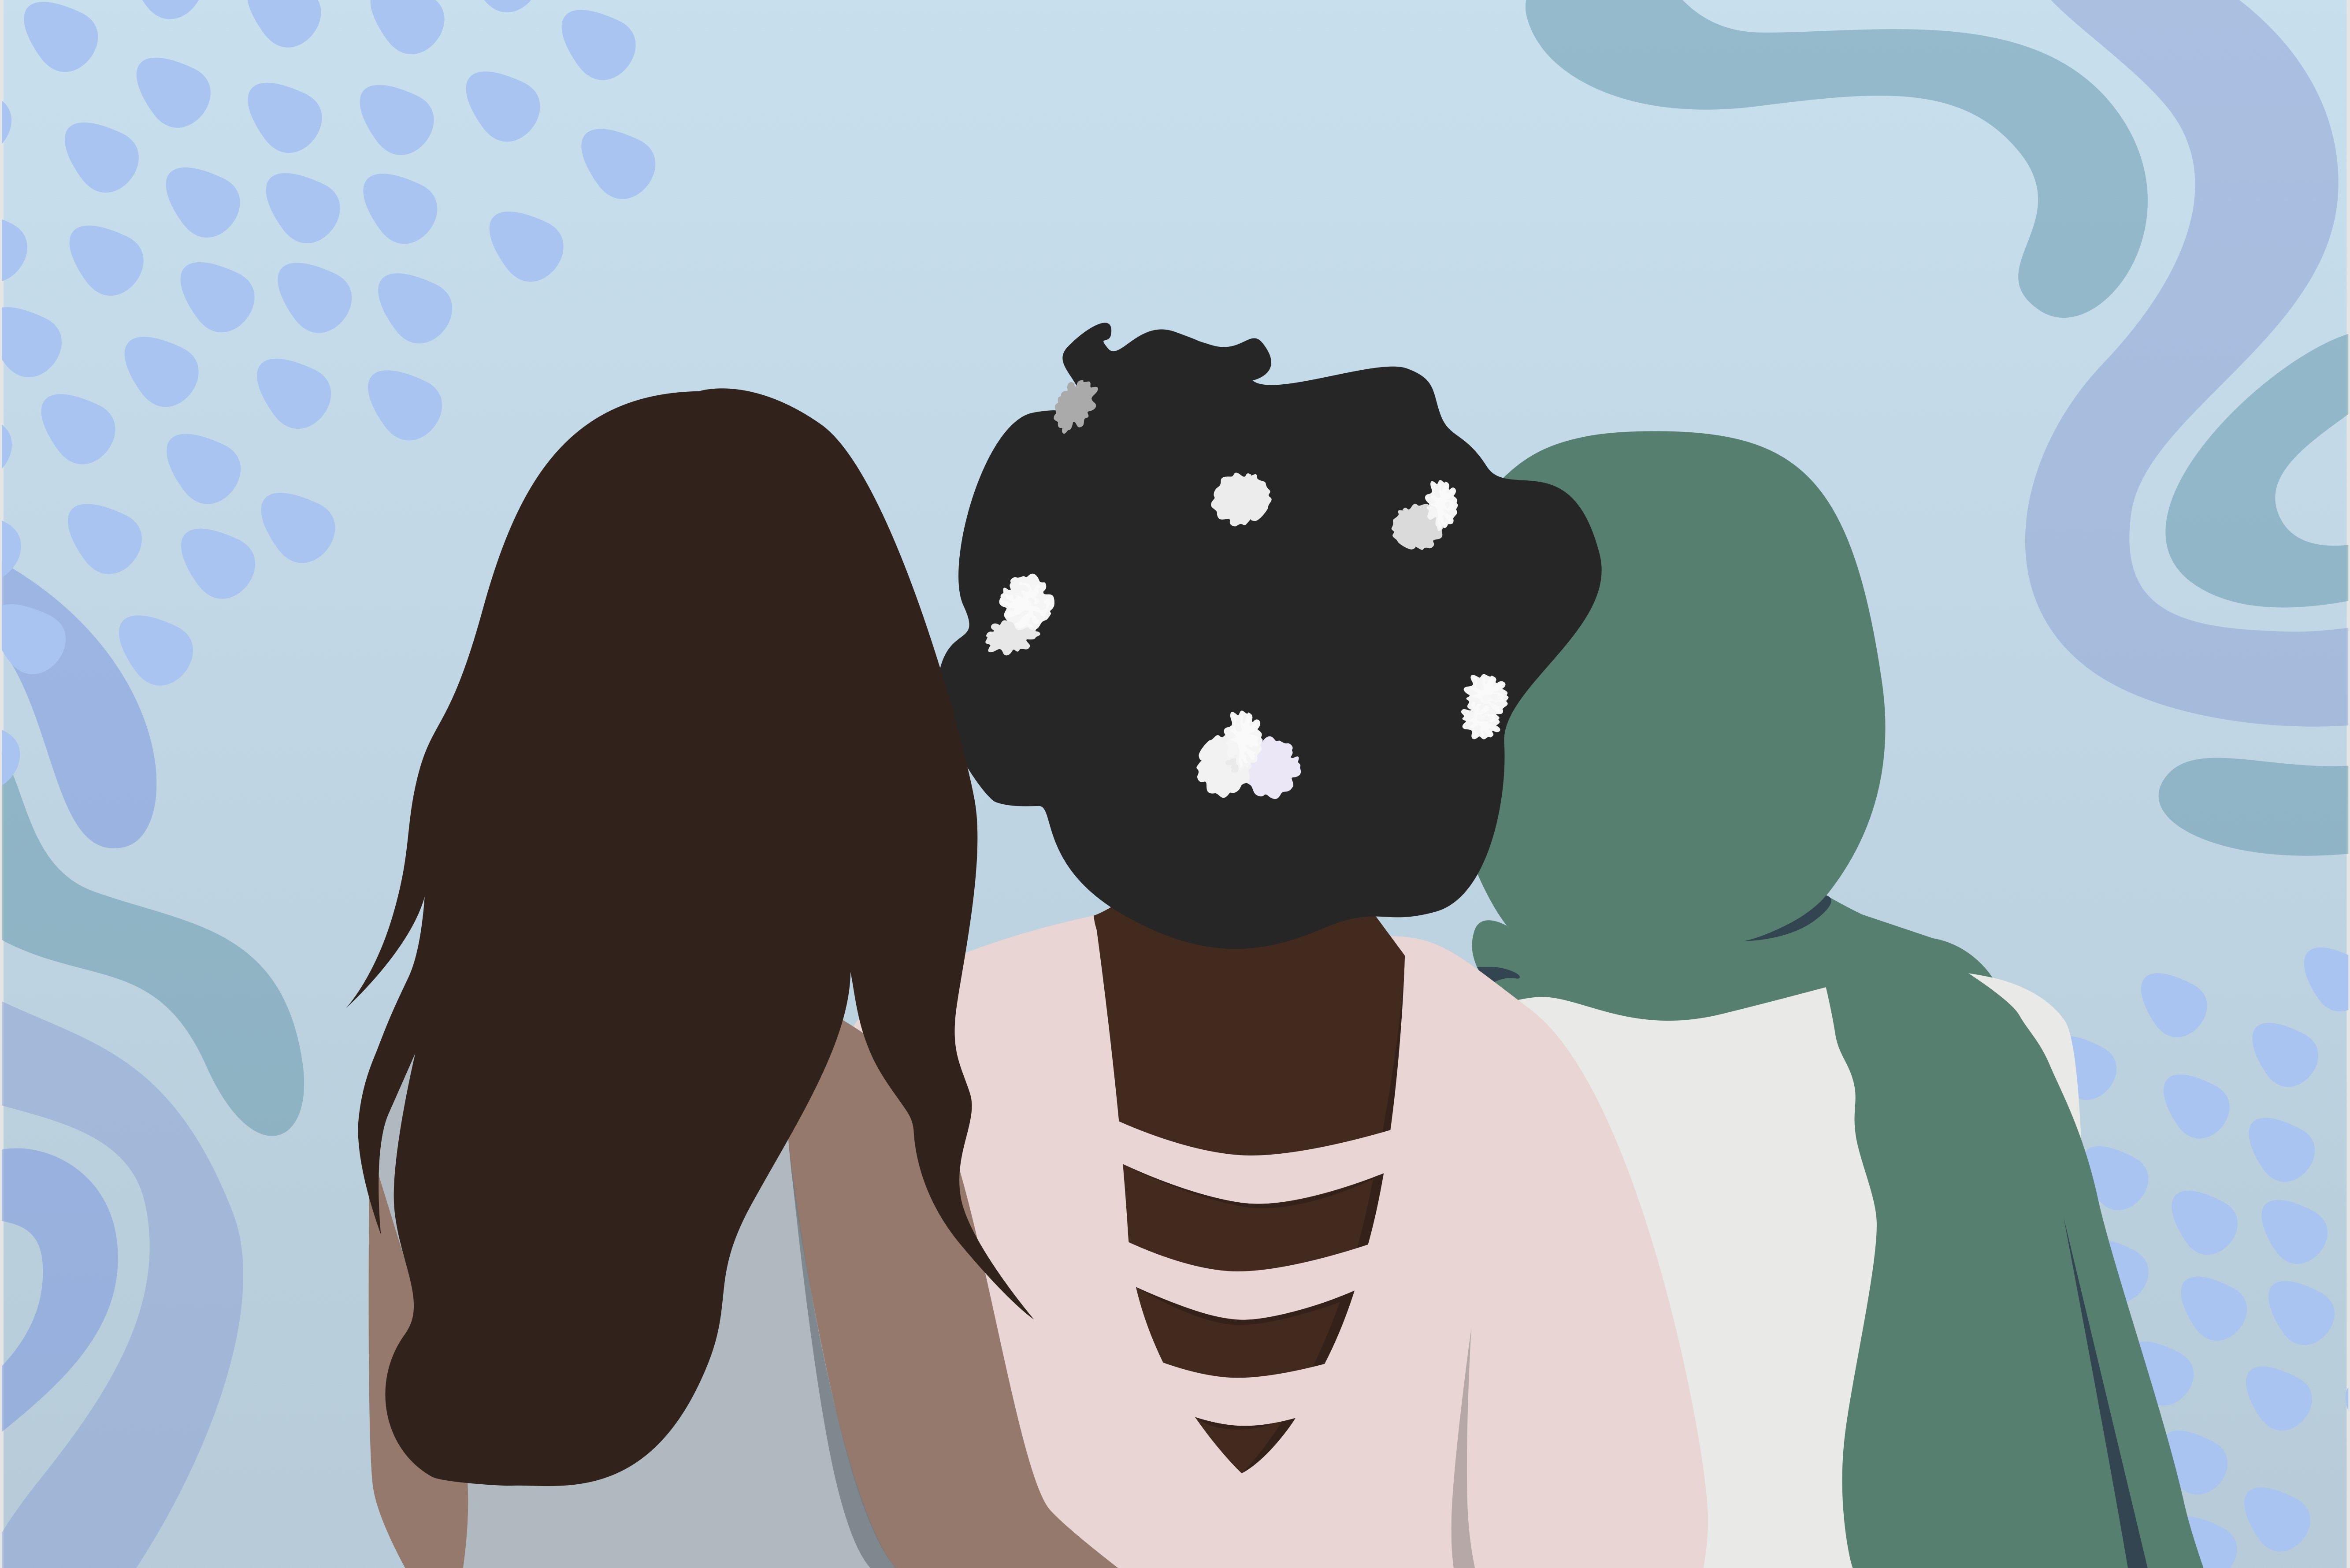 Graphic of three women's backs